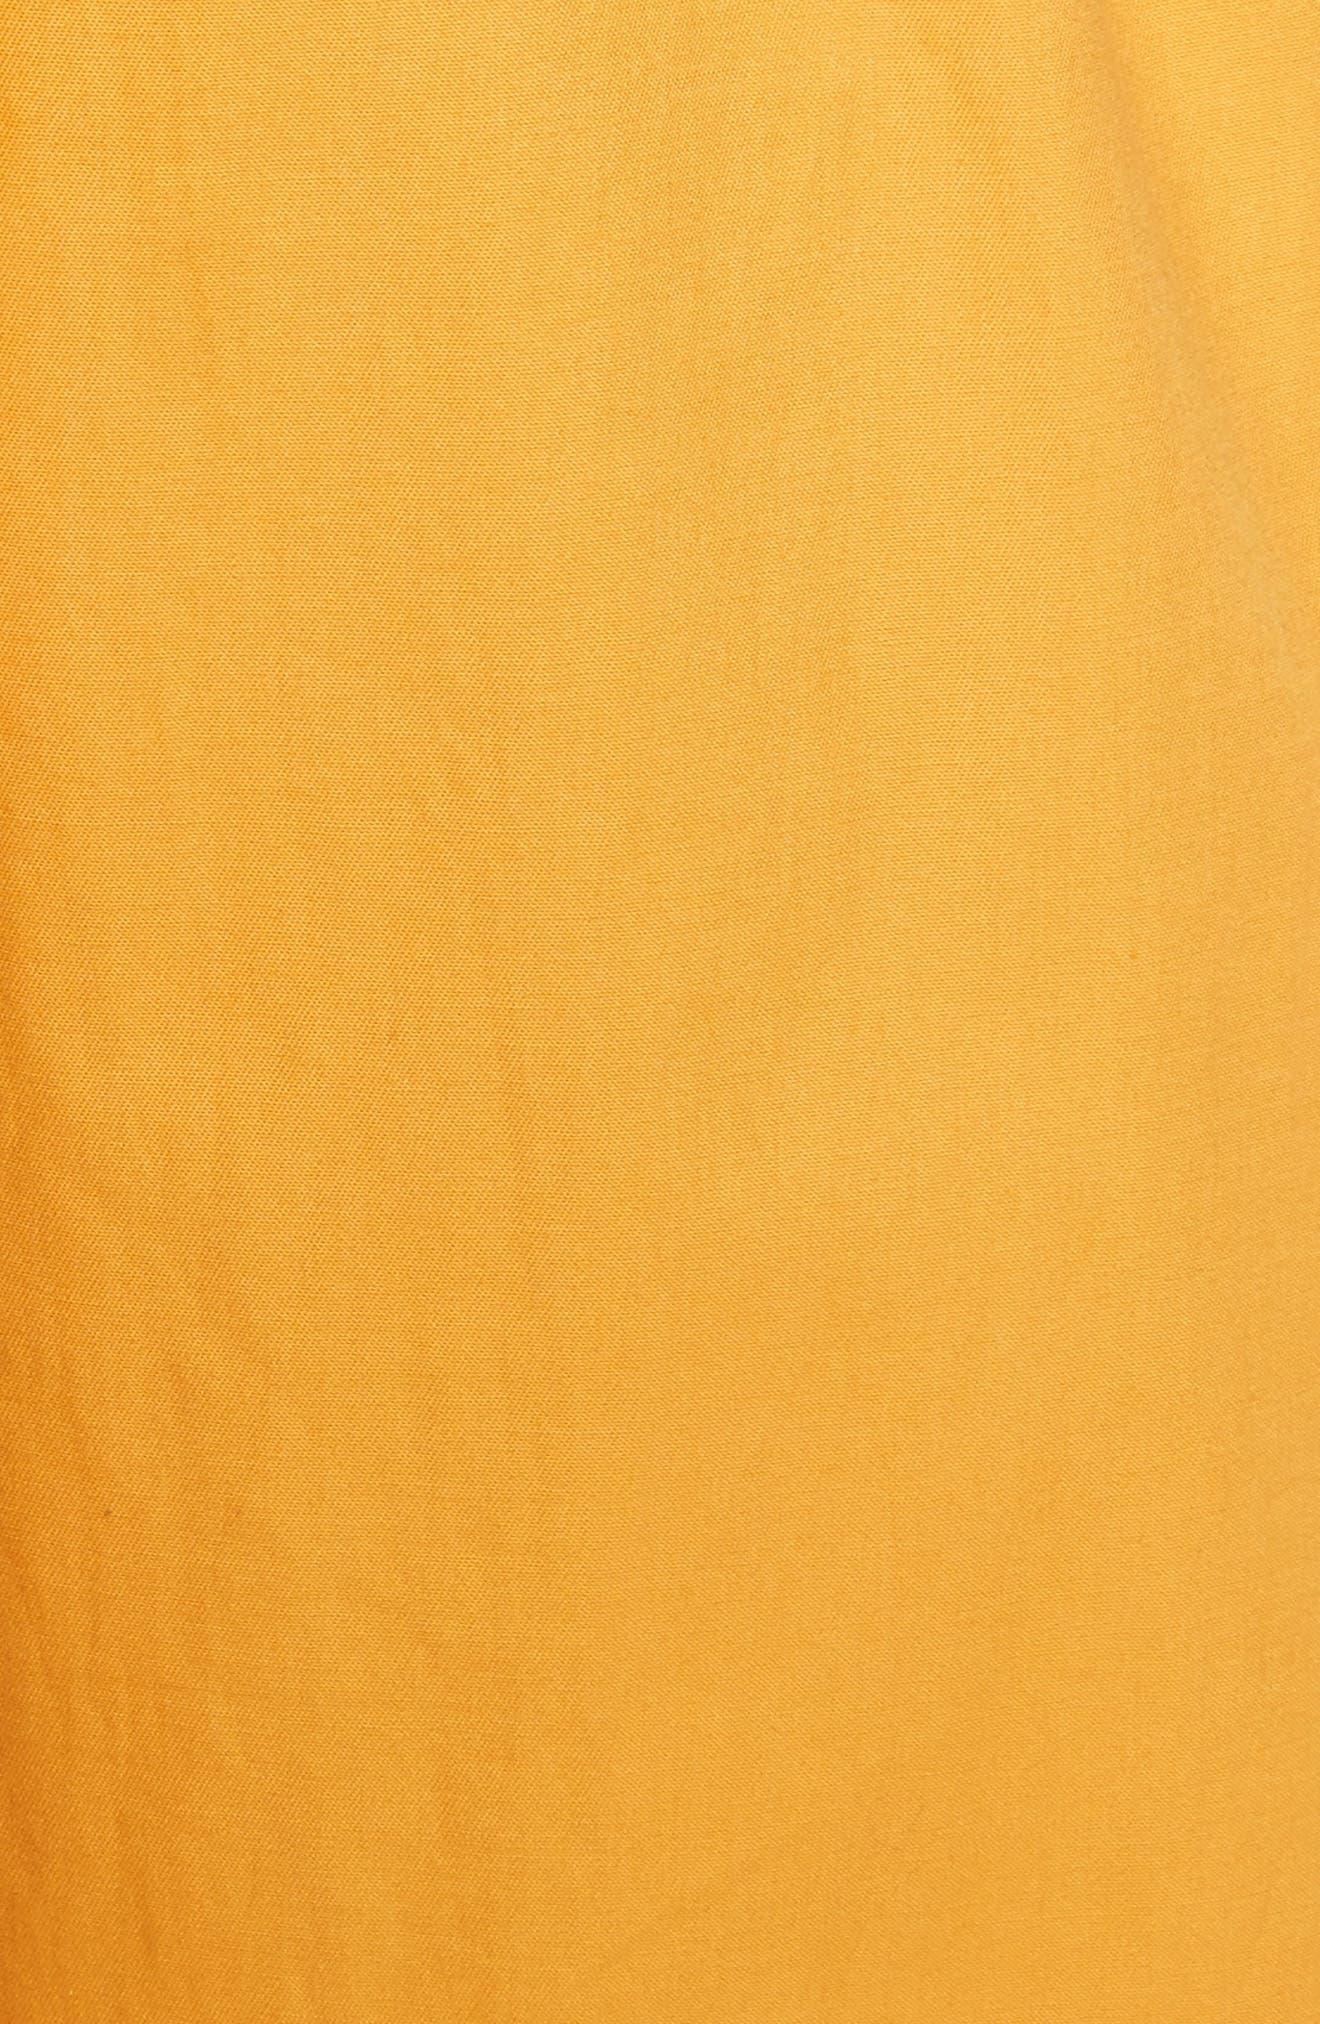 Sunrise Ruffle Midi Dress,                             Alternate thumbnail 5, color,                             800